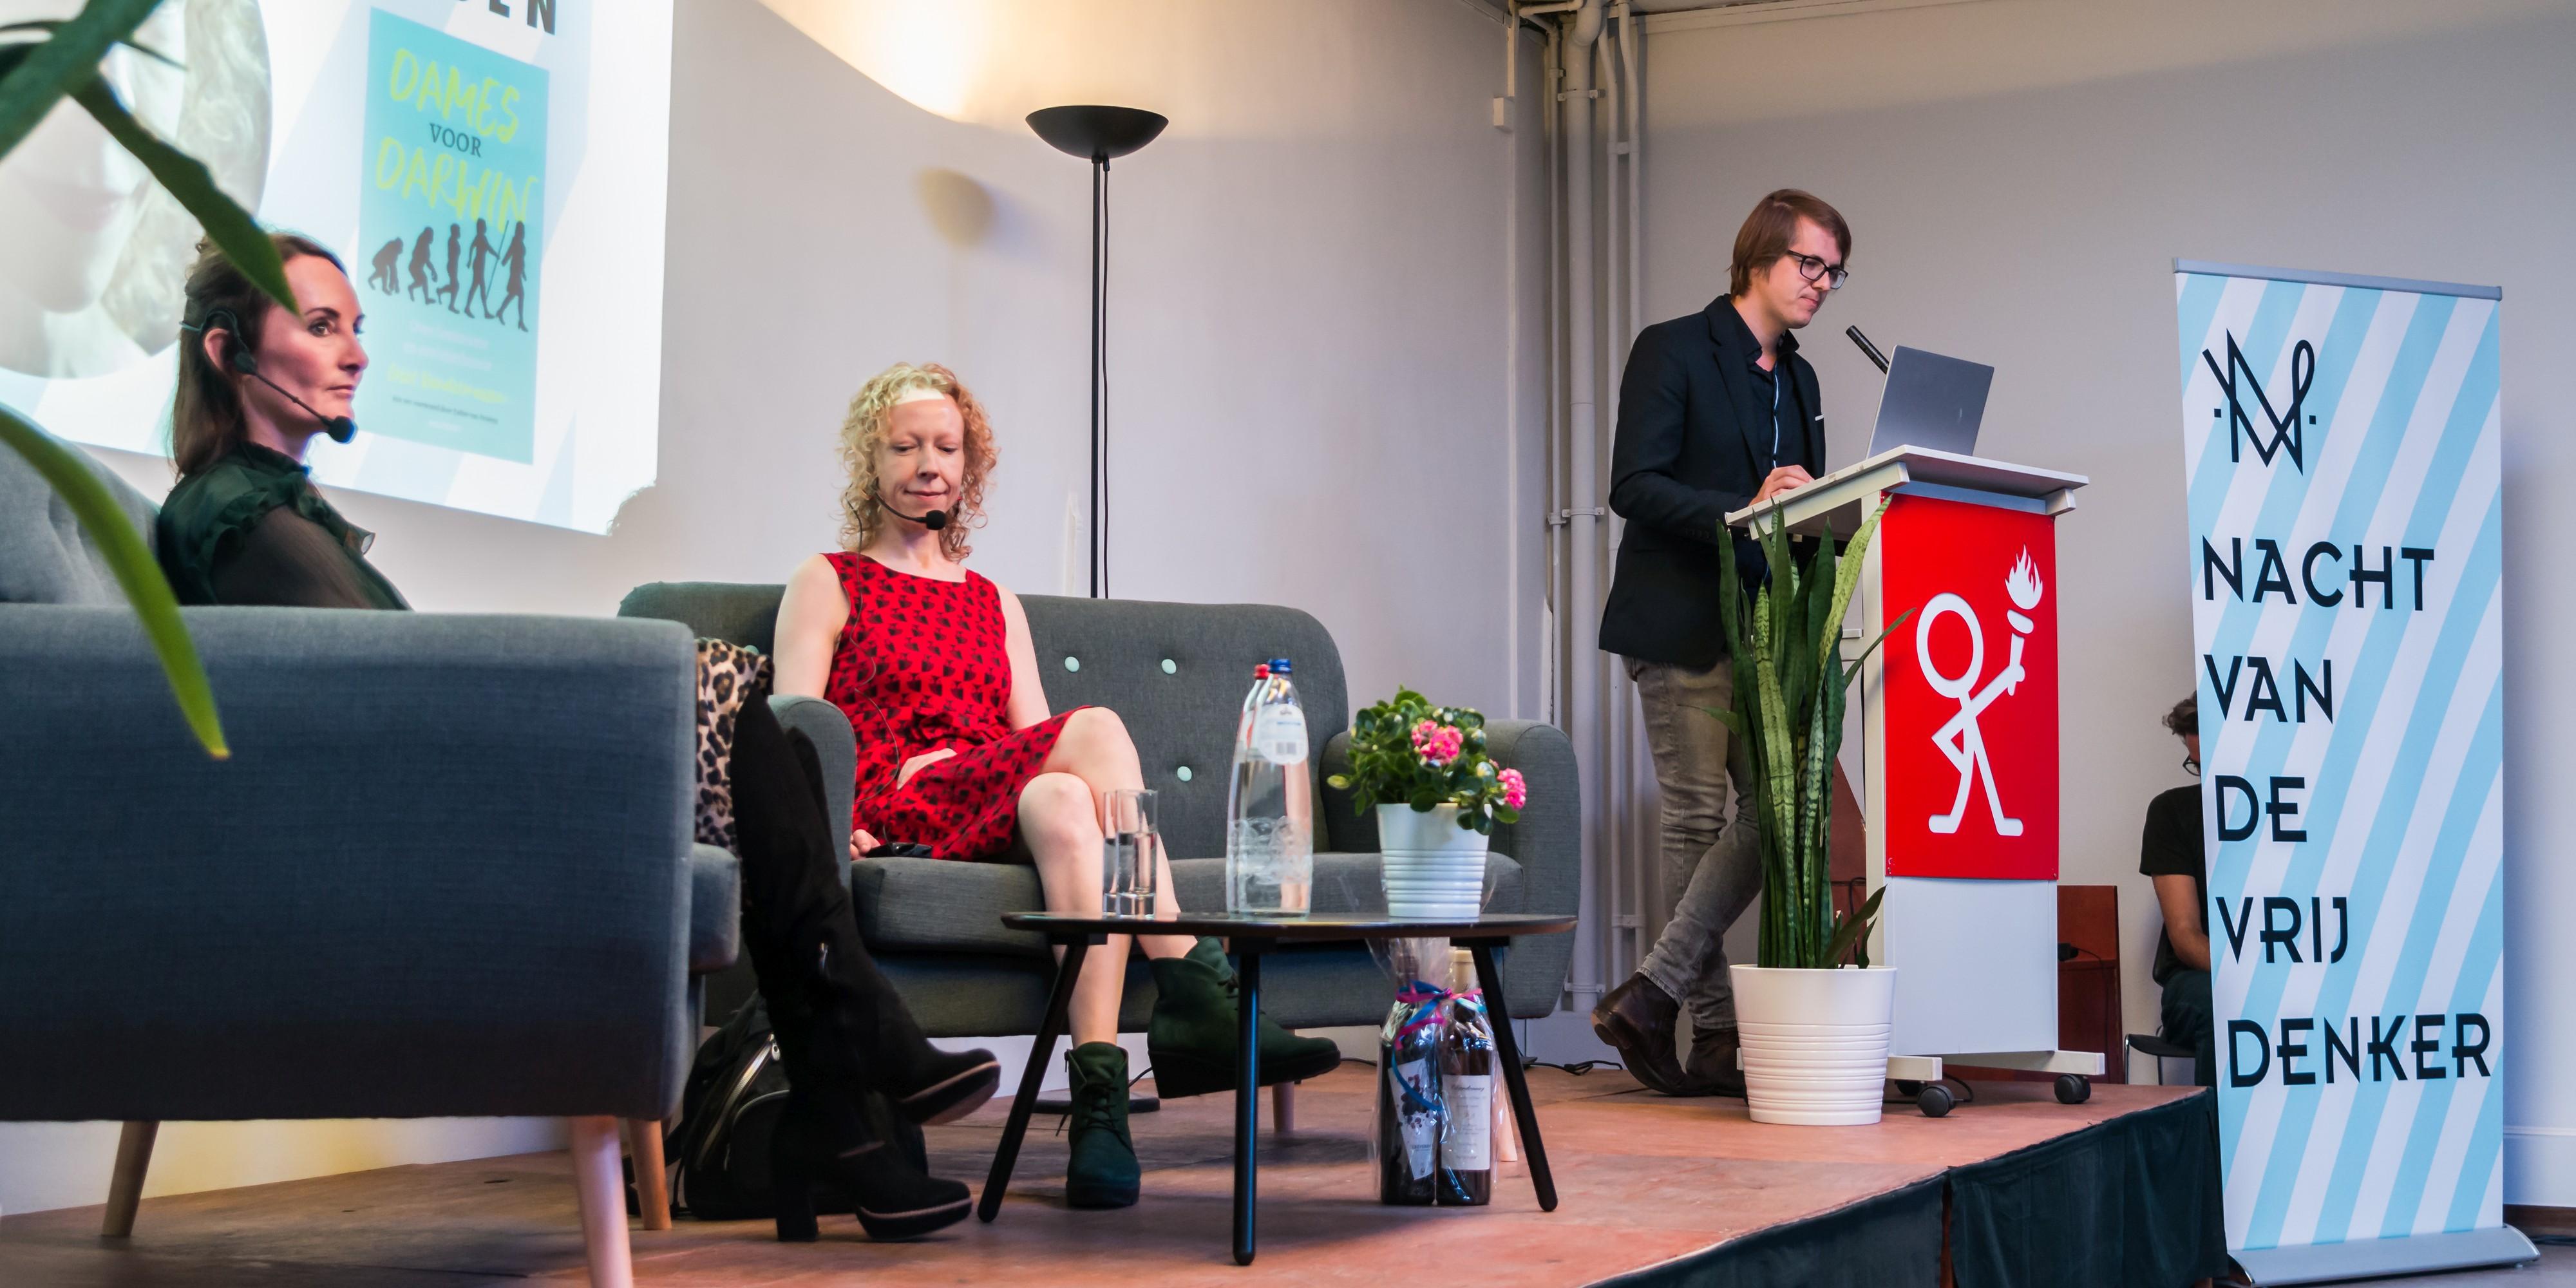 Maarten Boudry leidt het boek Dames voor Darwin van Griet Vandermassen in in Het Geuzenhuis in Gent